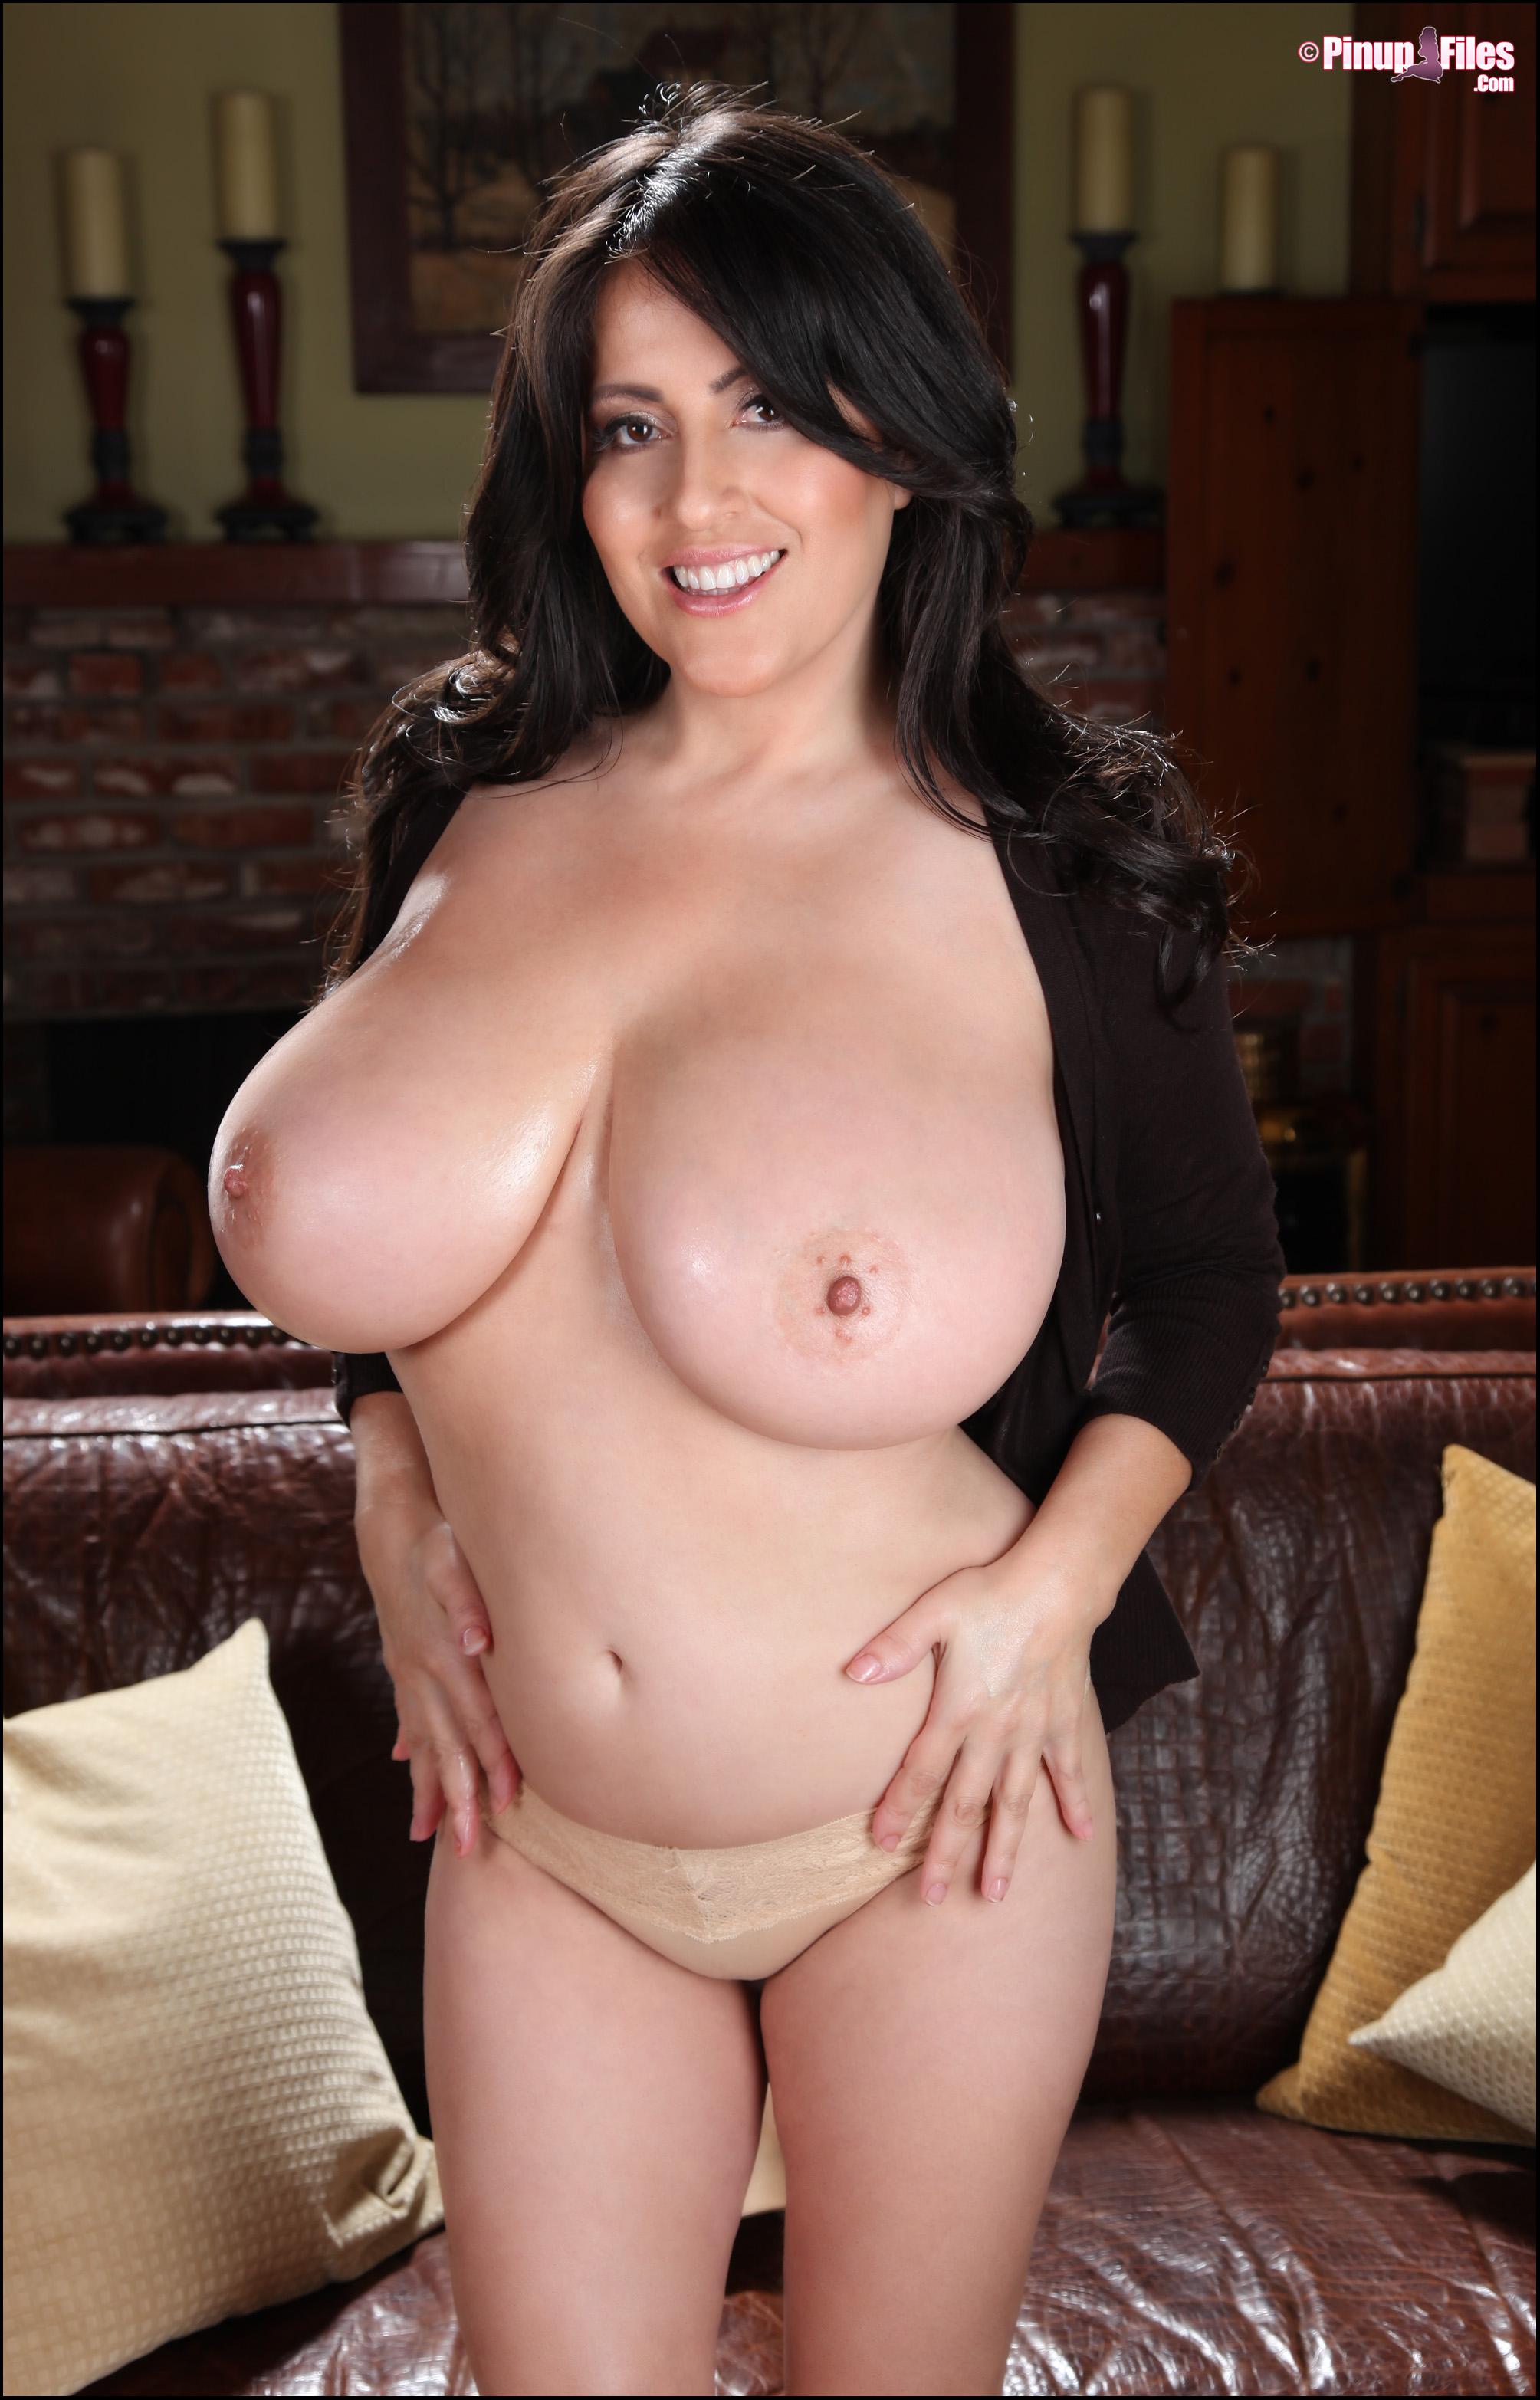 Antonella kahllo nude